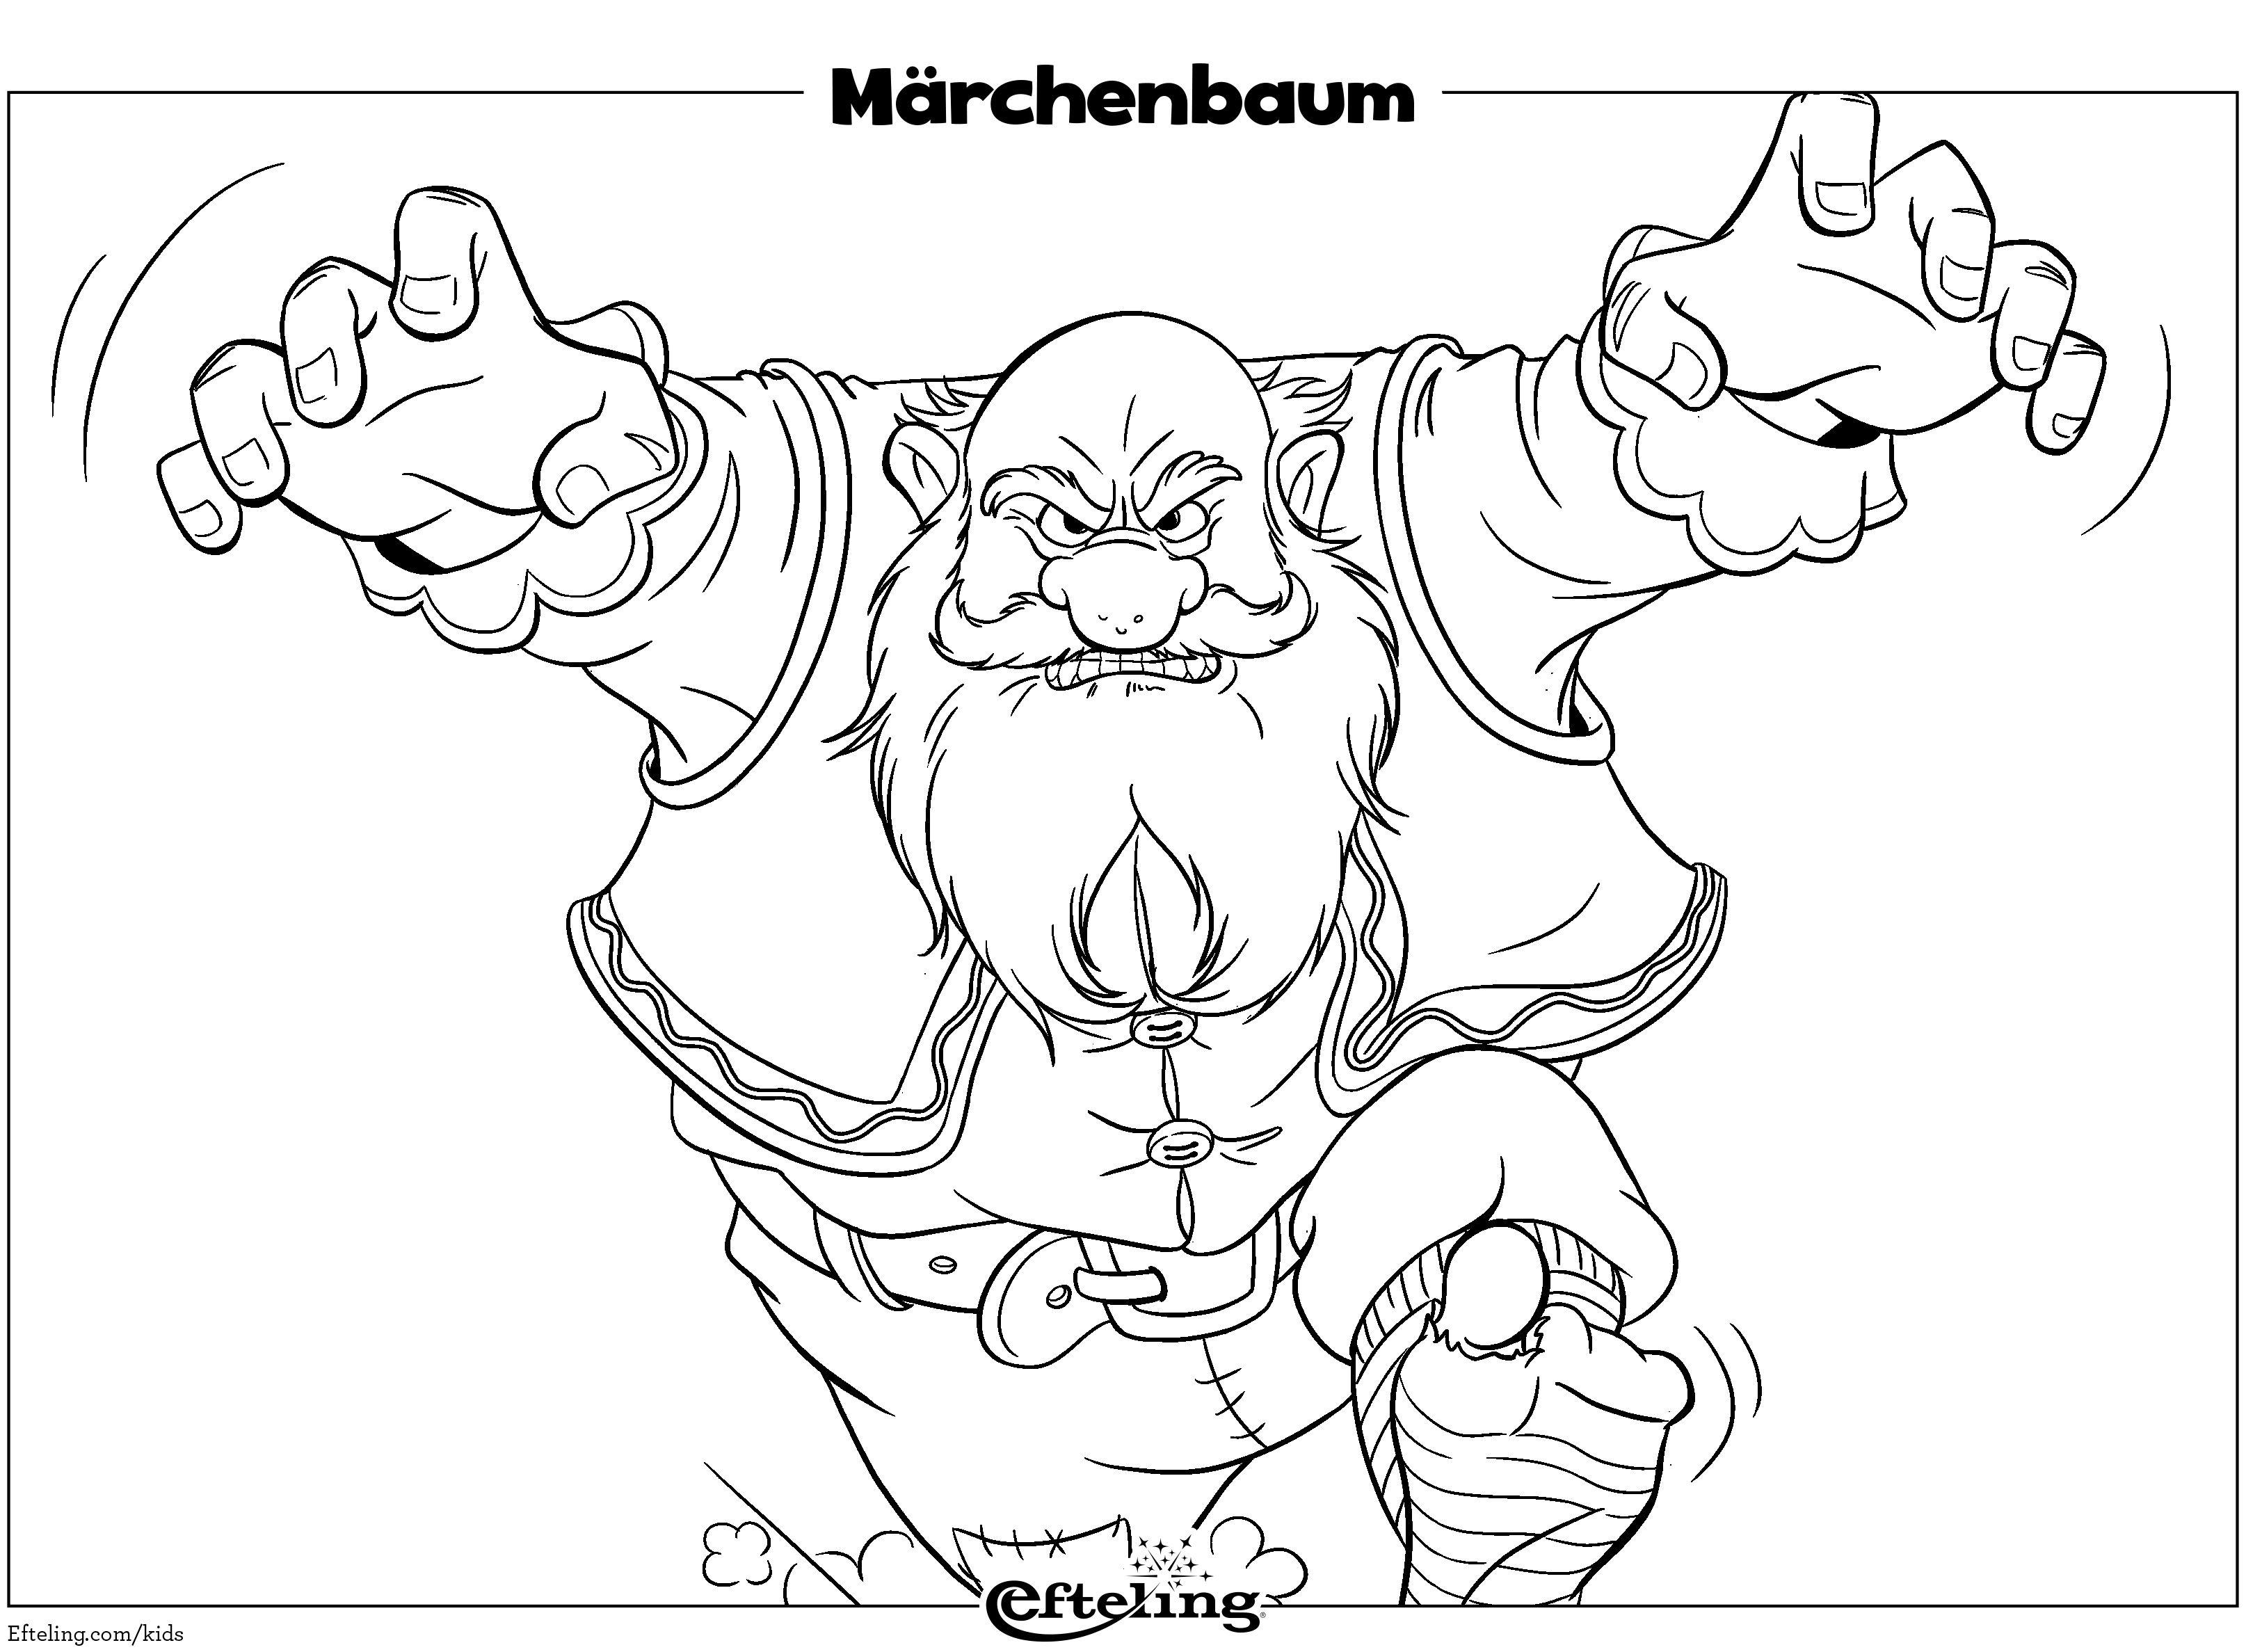 Efteling Malbild für Kinder in 10  Märchenbaum, Ausmalen, Zeichnung